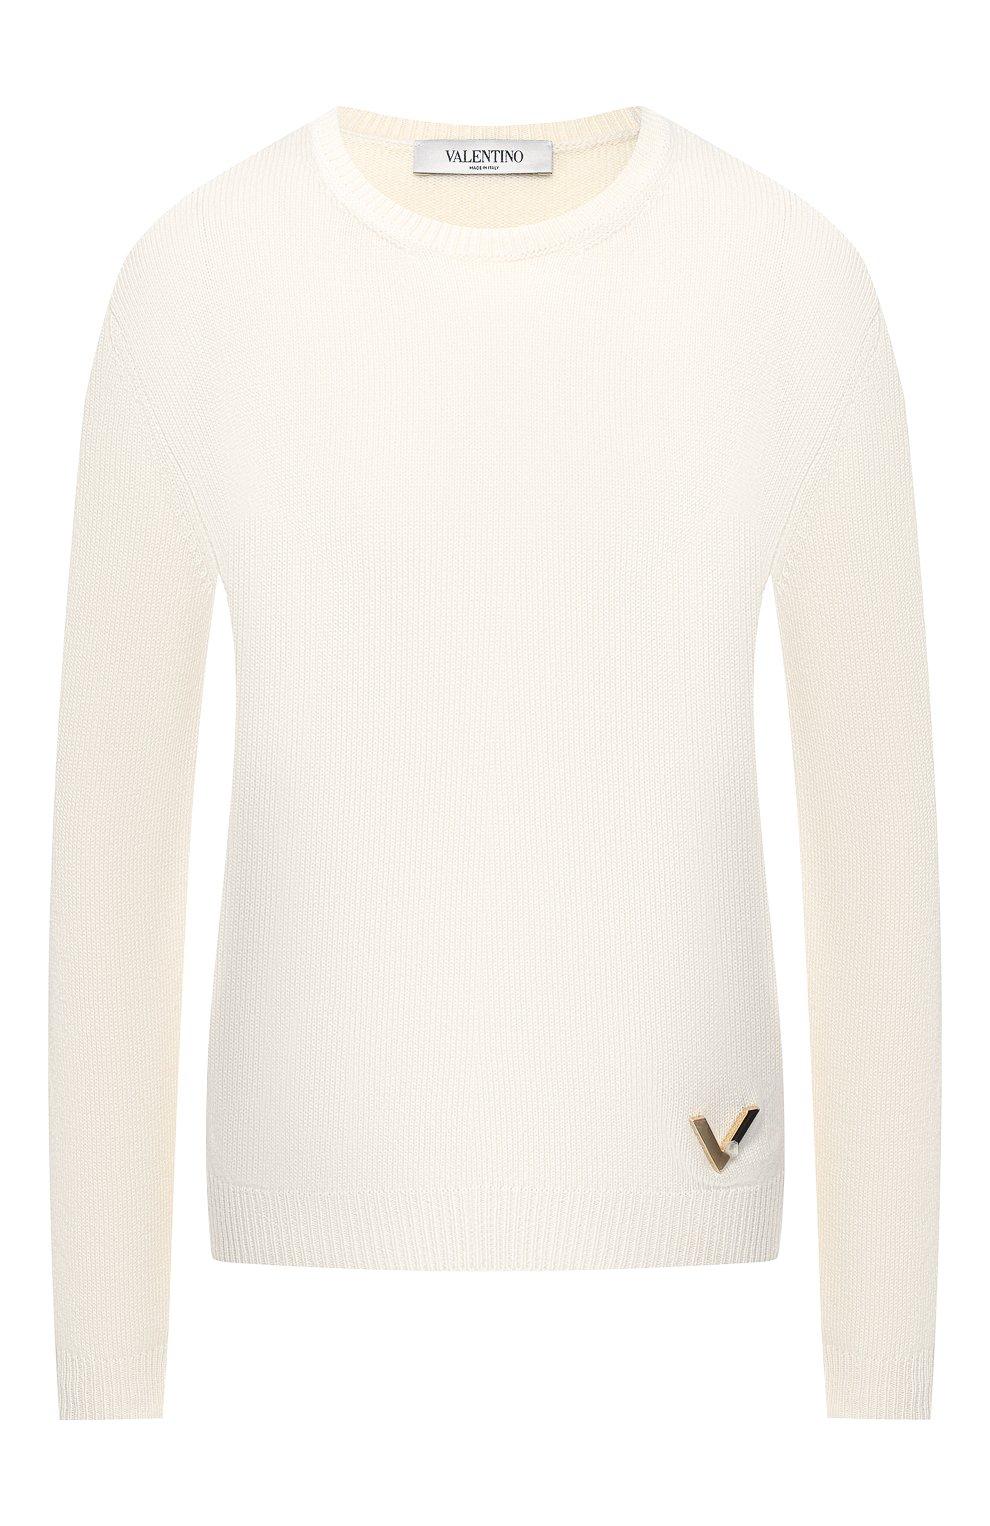 Кашемировый пуловер Valentino кремовый | Фото №1